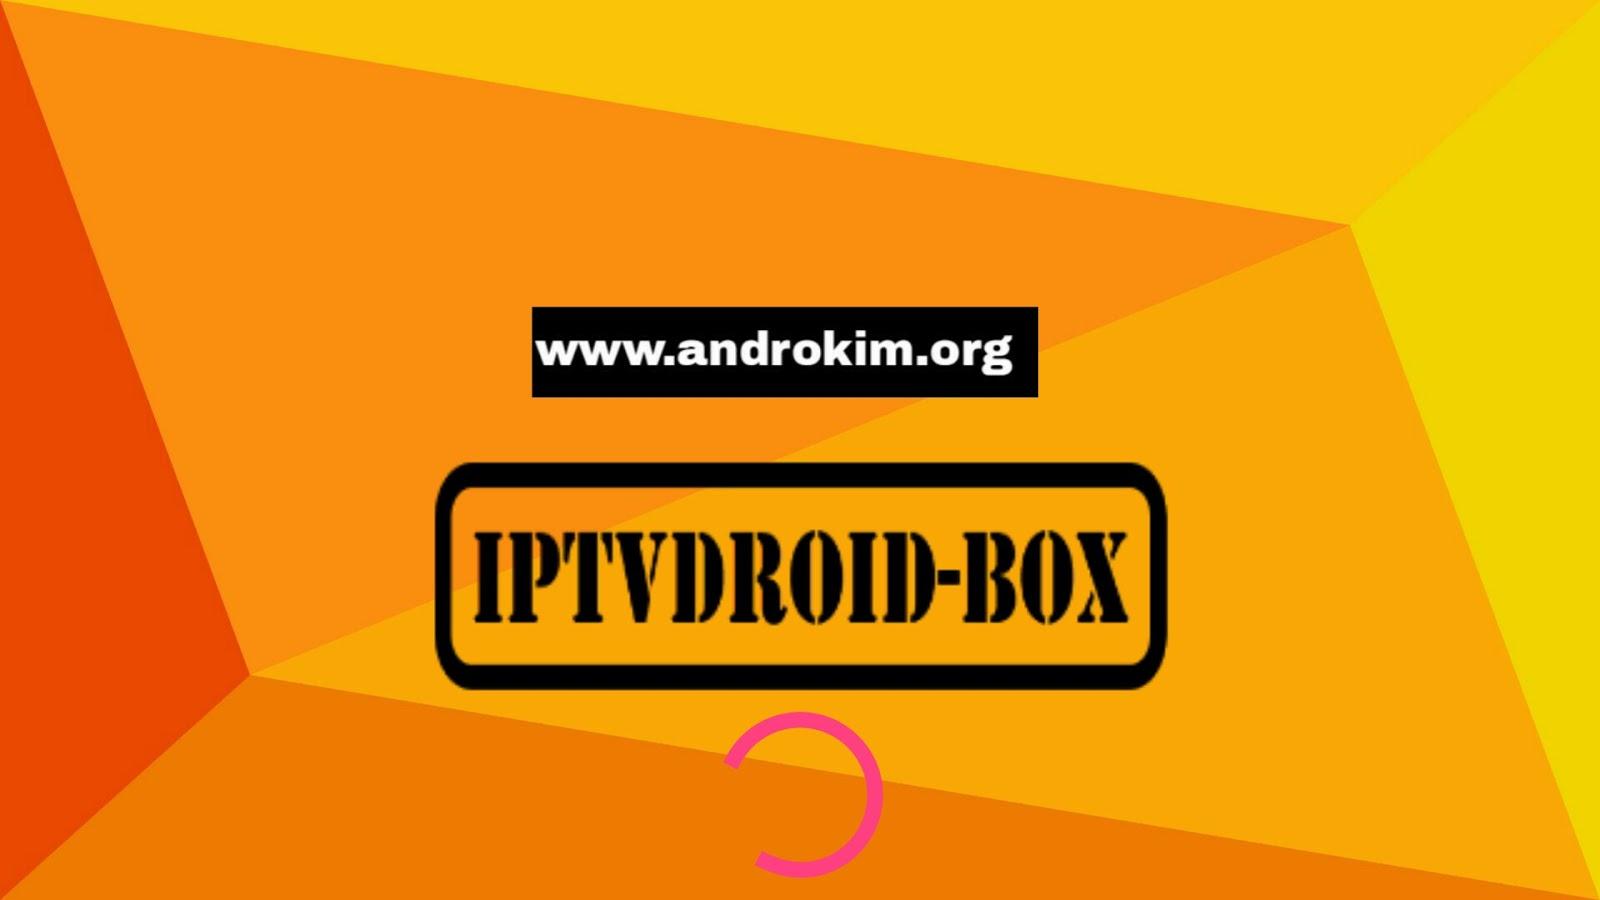 كود تفعيل IPTV DROID BOX 2019 - أندروكيم : حمل أحدث العاب و تطبيقات